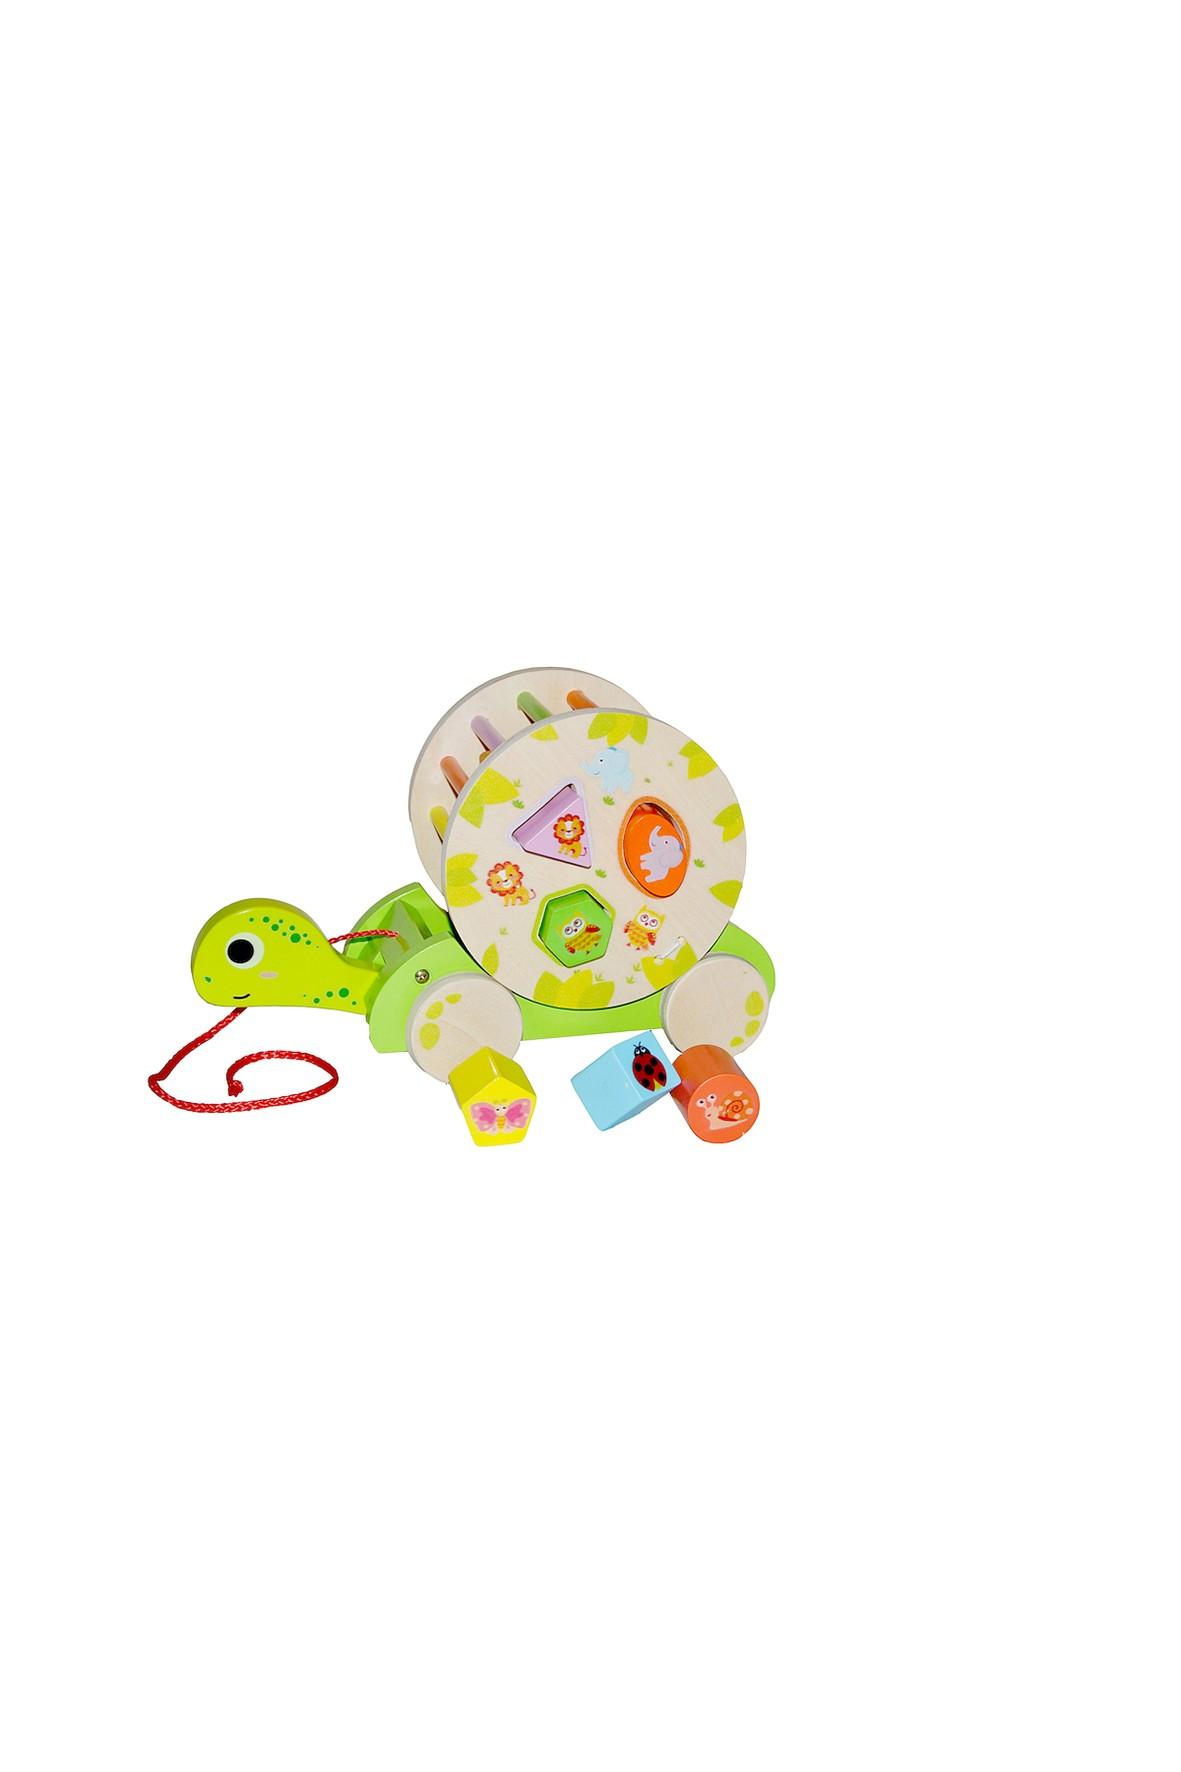 Drewniana zabawka edukacyjna - Gra Łowienie 3w1 Smily Play